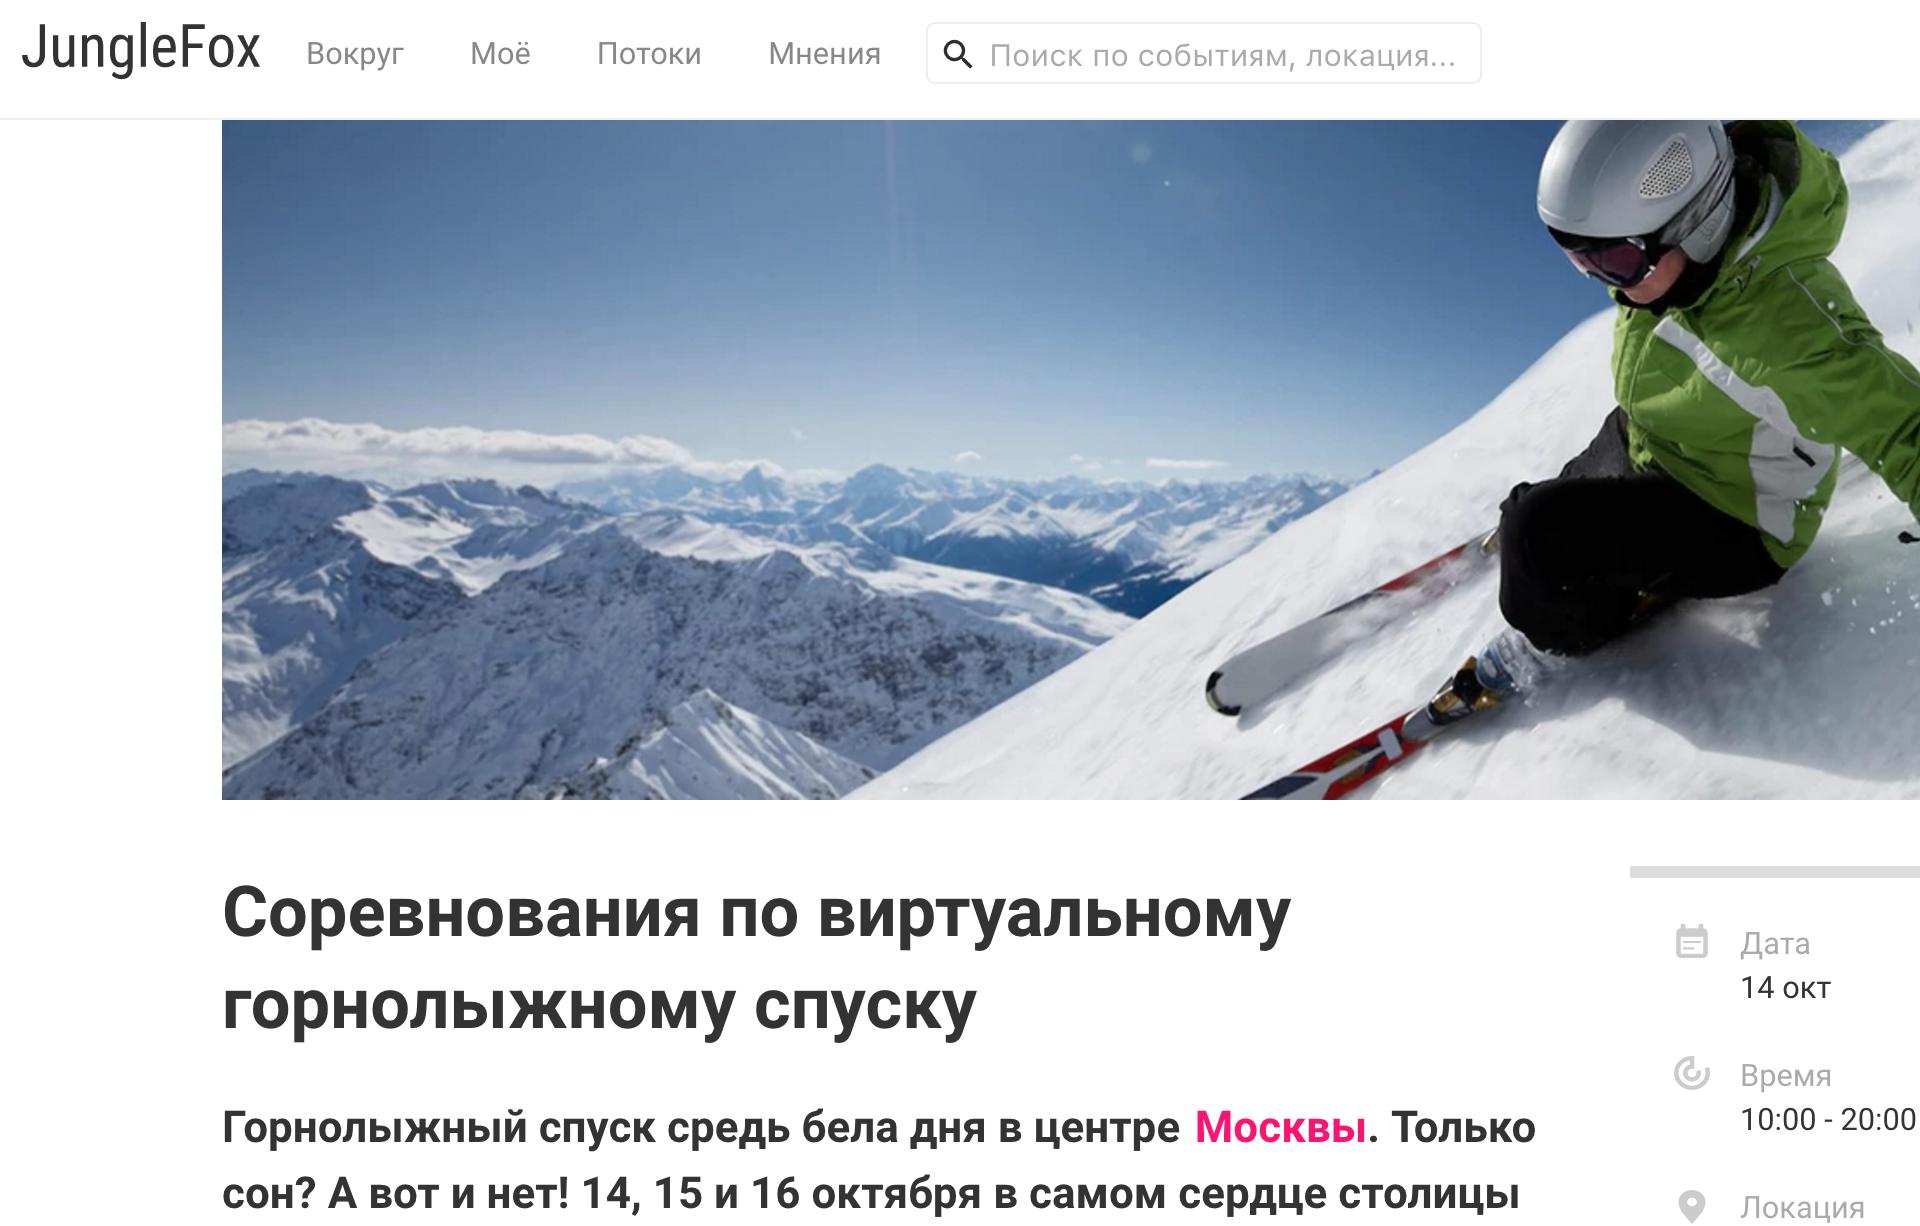 Тексты на сайте JungleFox.ru